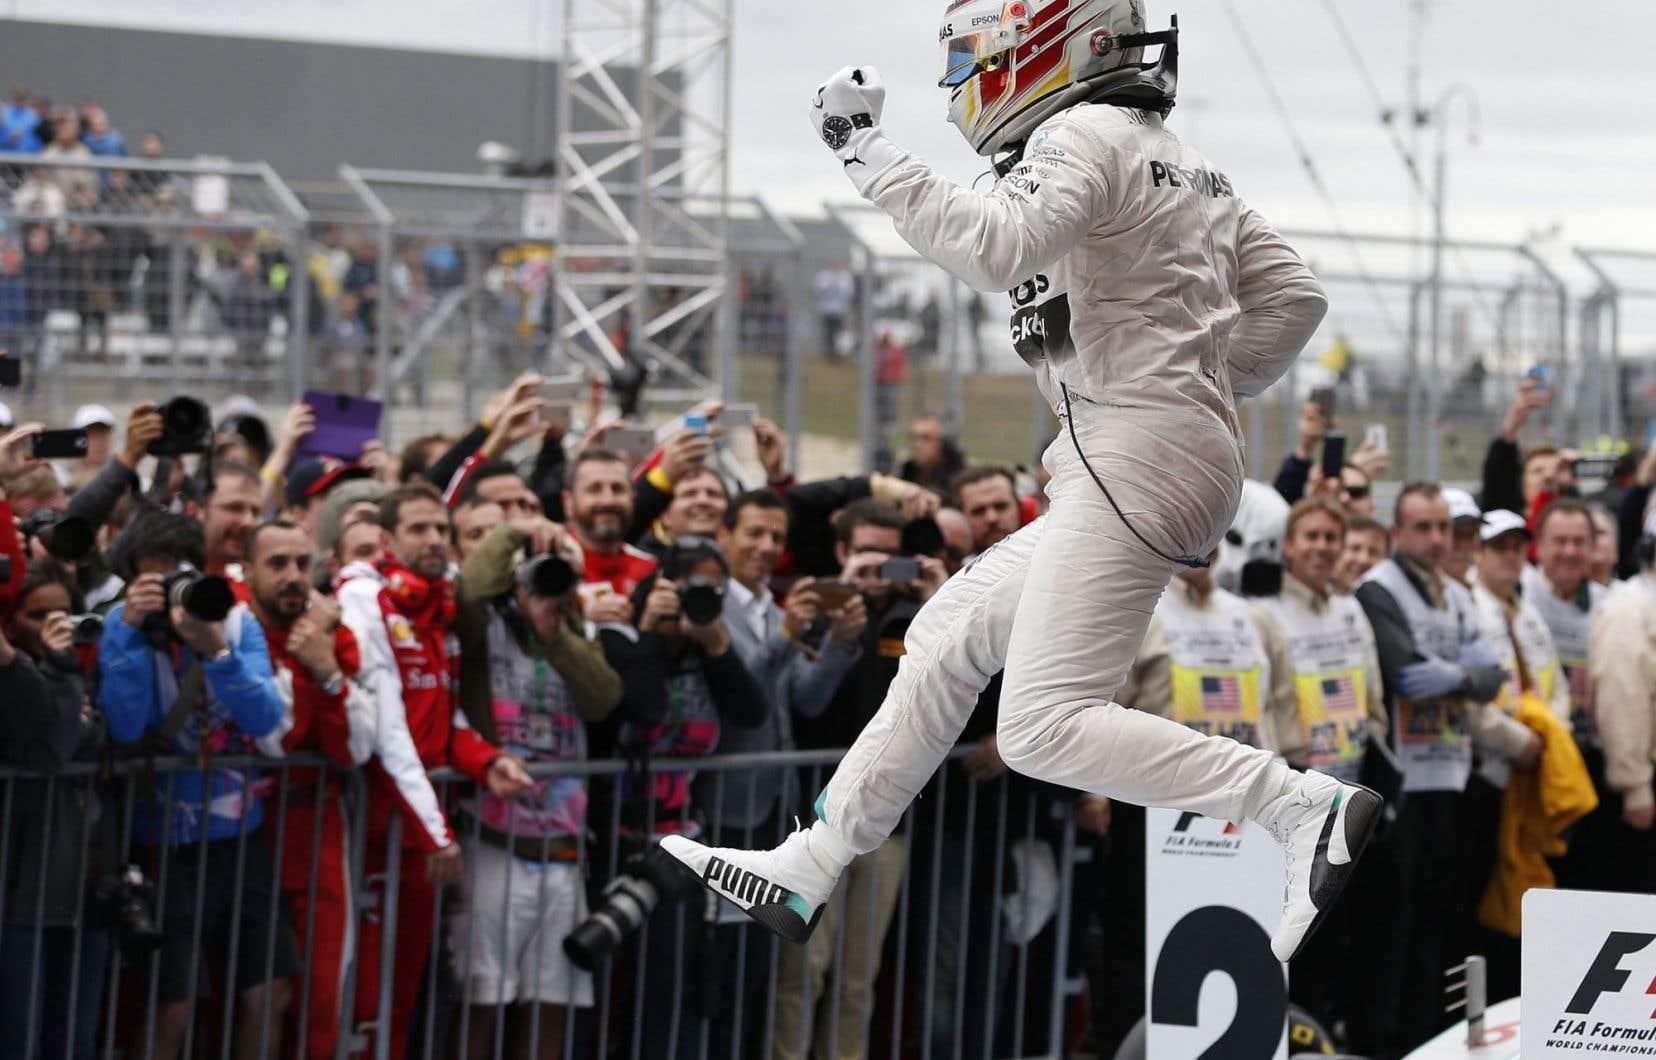 Lewis Hamilton est descendu avec style de sa voiture après avoir confirmé sa suprématie sur le circuit de la Formule 1.